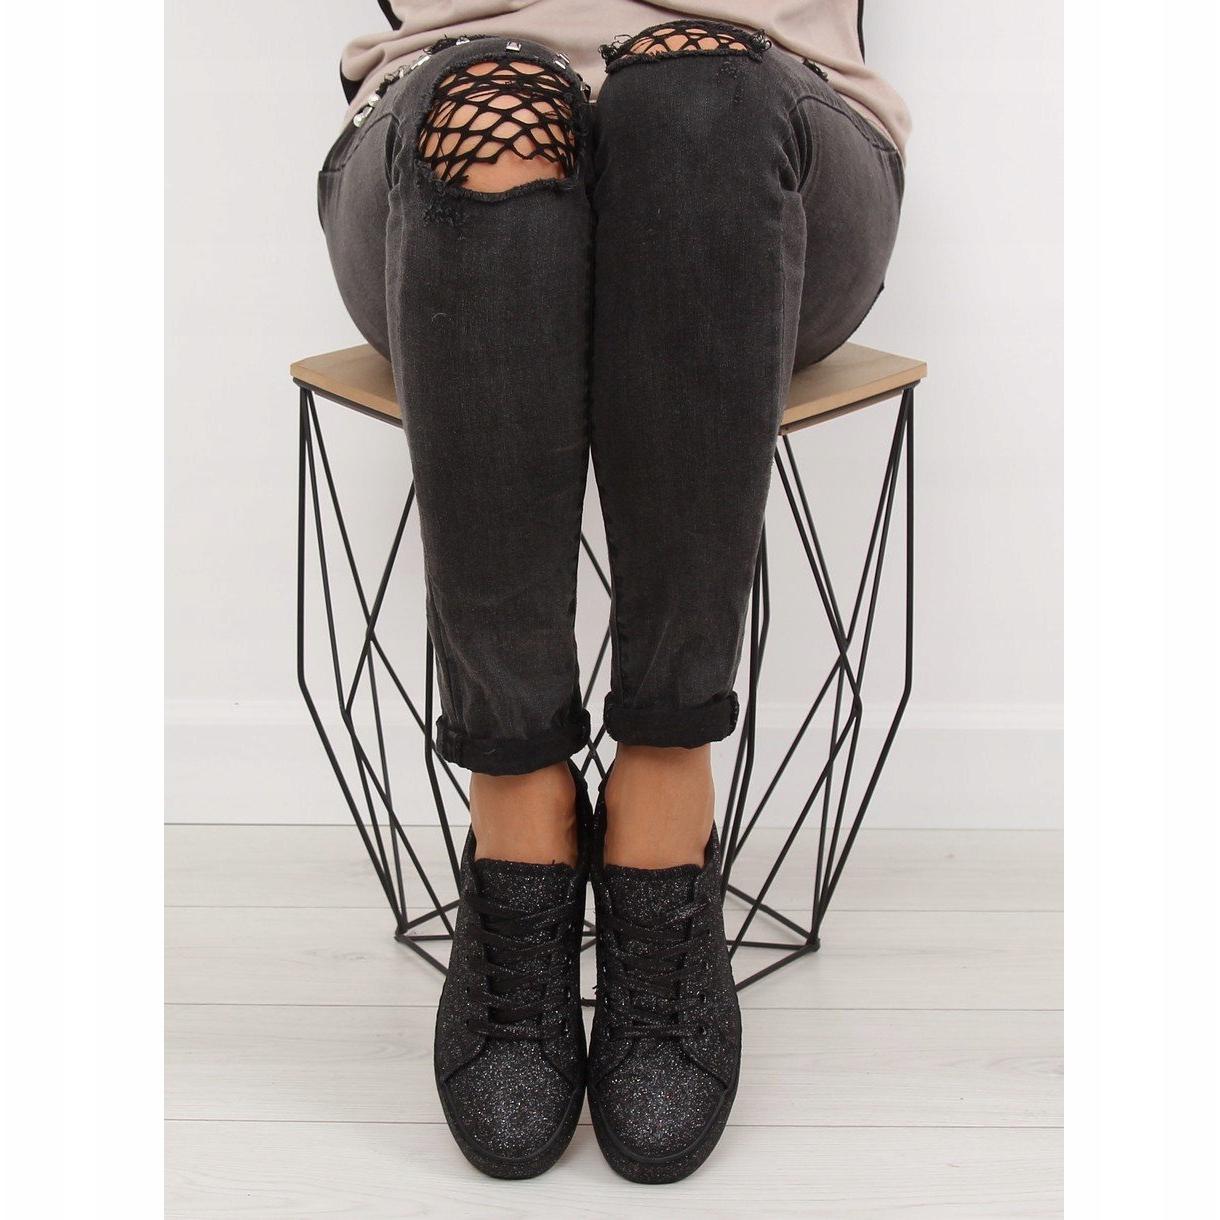 Nero-Sneakers-nere-iridescenti-BL142-nere miniatura 6